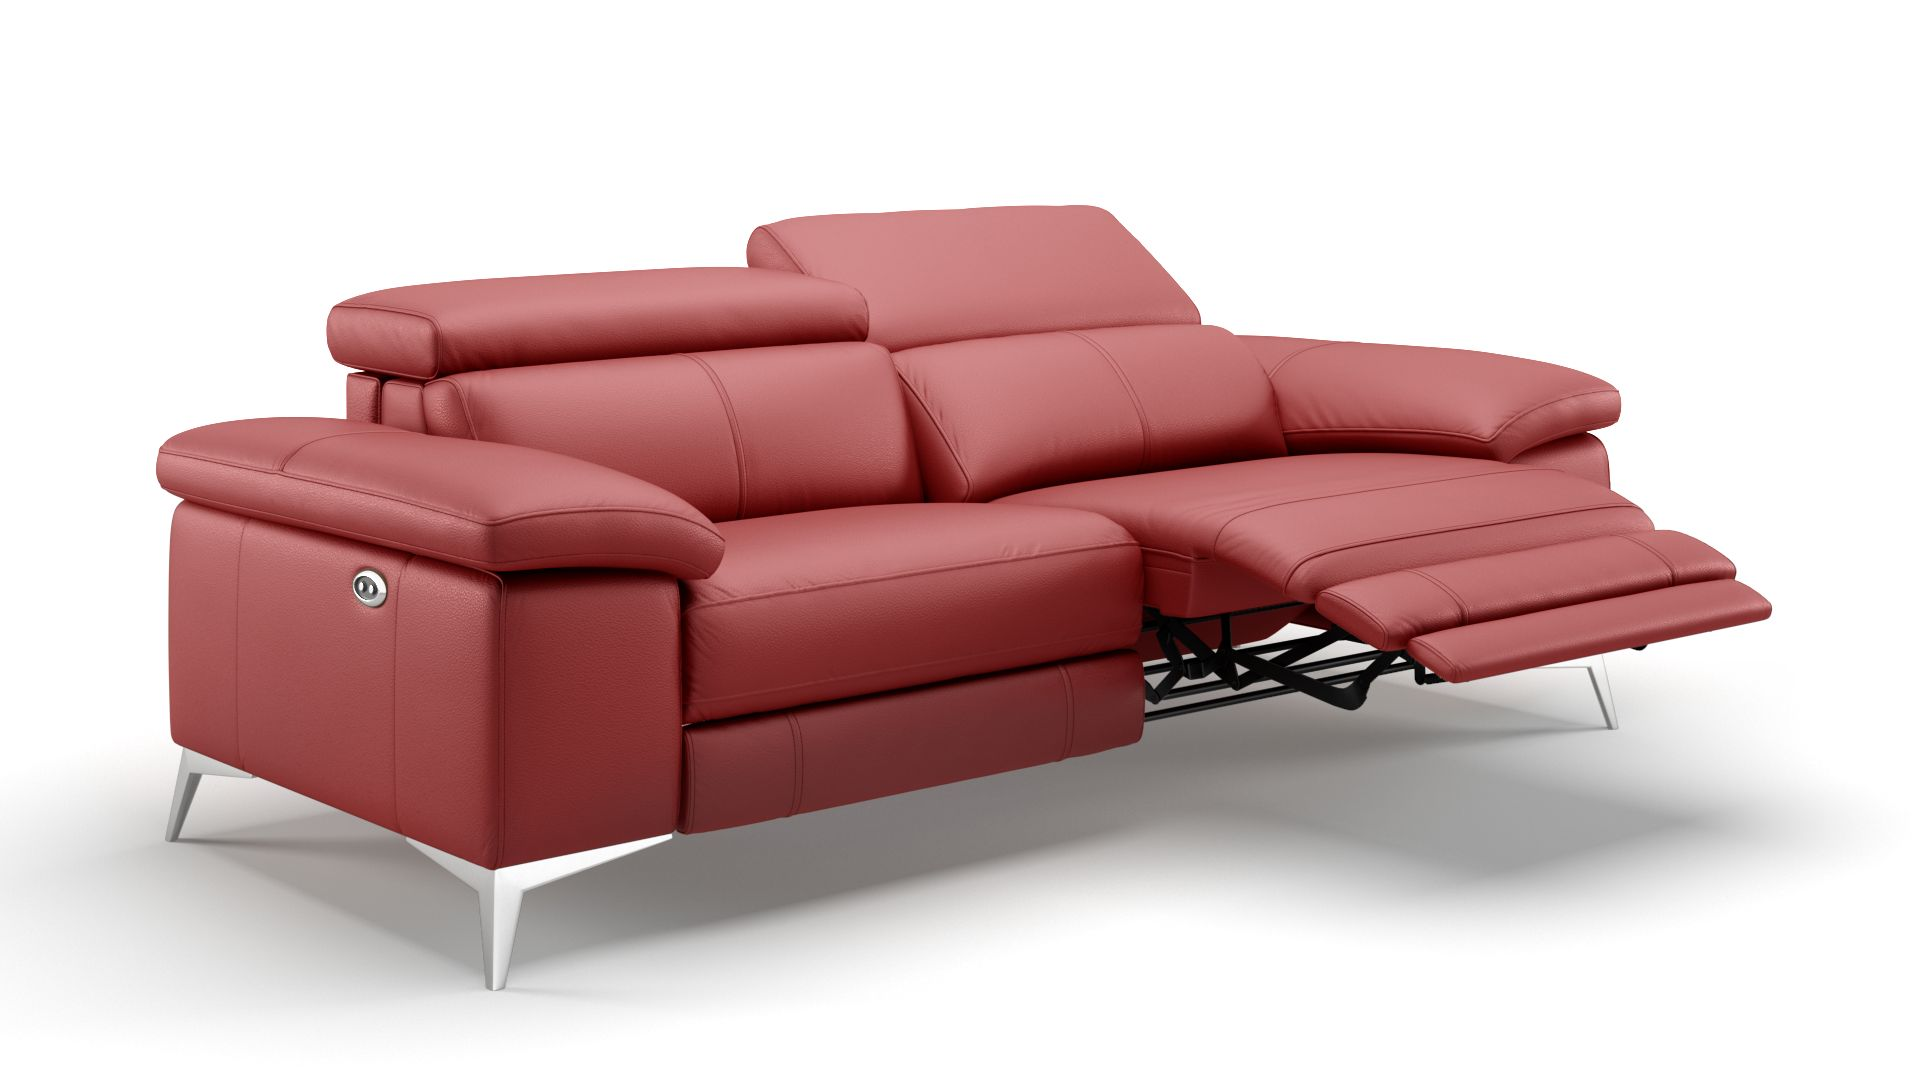 Full Size of Relaxsofa Elektrisch Verstellbar Sofanella Sofa Mit Elektrischer Sitztiefenverstellung Elektrische Fußbodenheizung Bad Relaxfunktion Wohnzimmer Relaxsofa Elektrisch